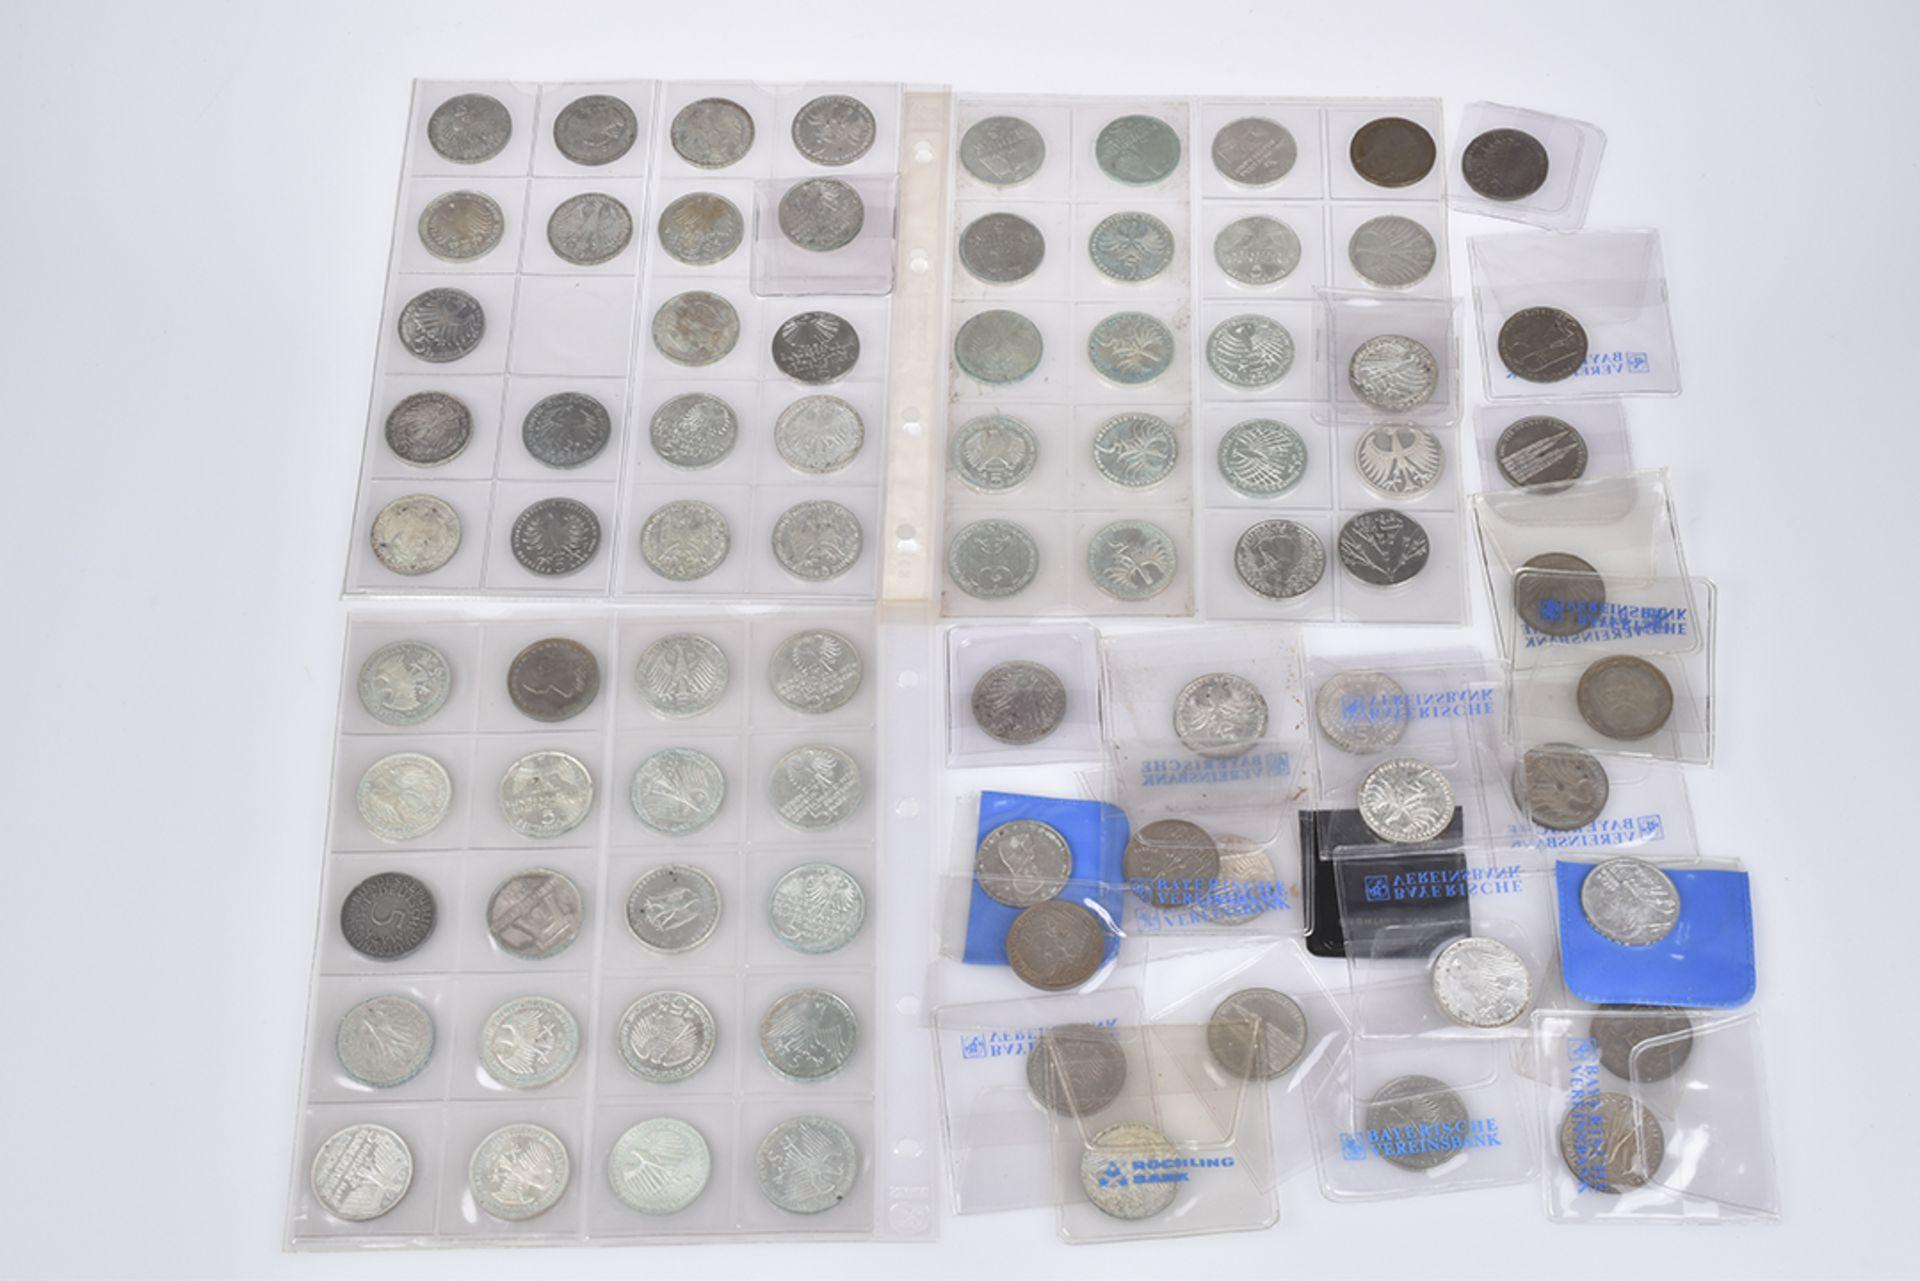 Konv. 84 Silbermünzen, Kursmünzen, 5-DM-Münzen